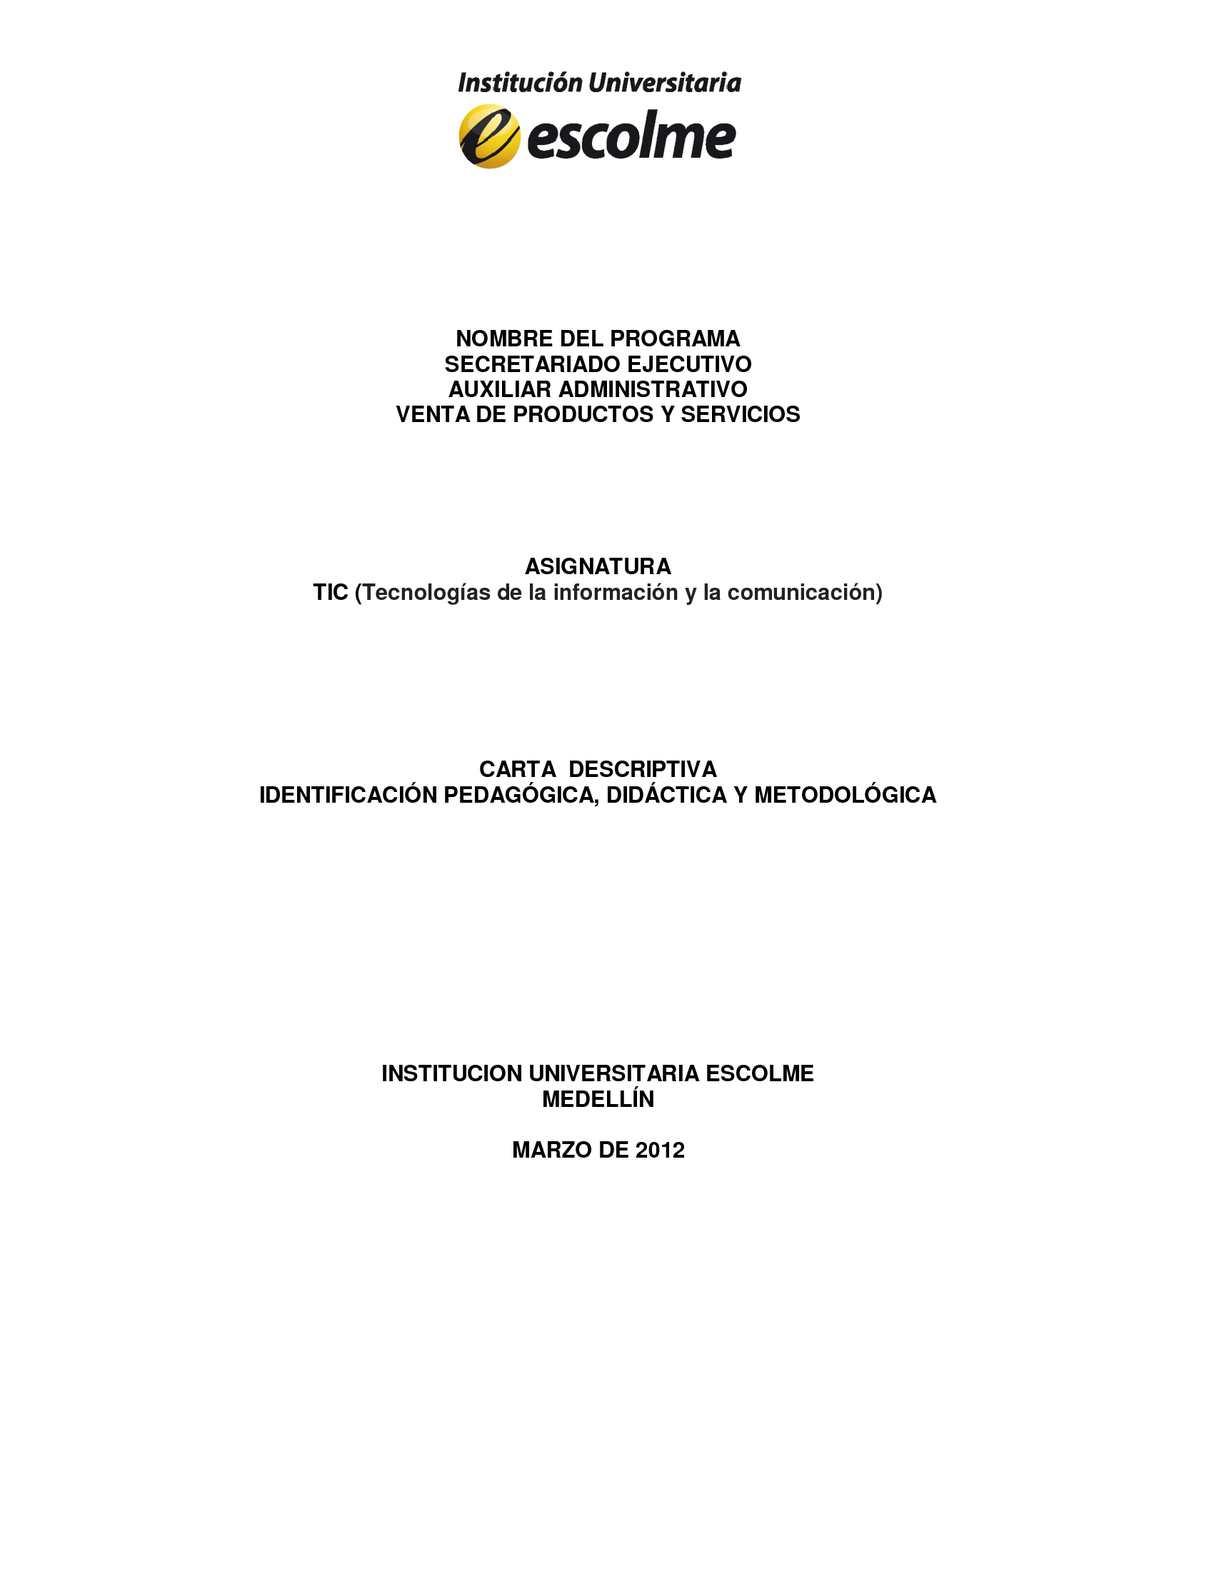 Carta Descriptiva TICS